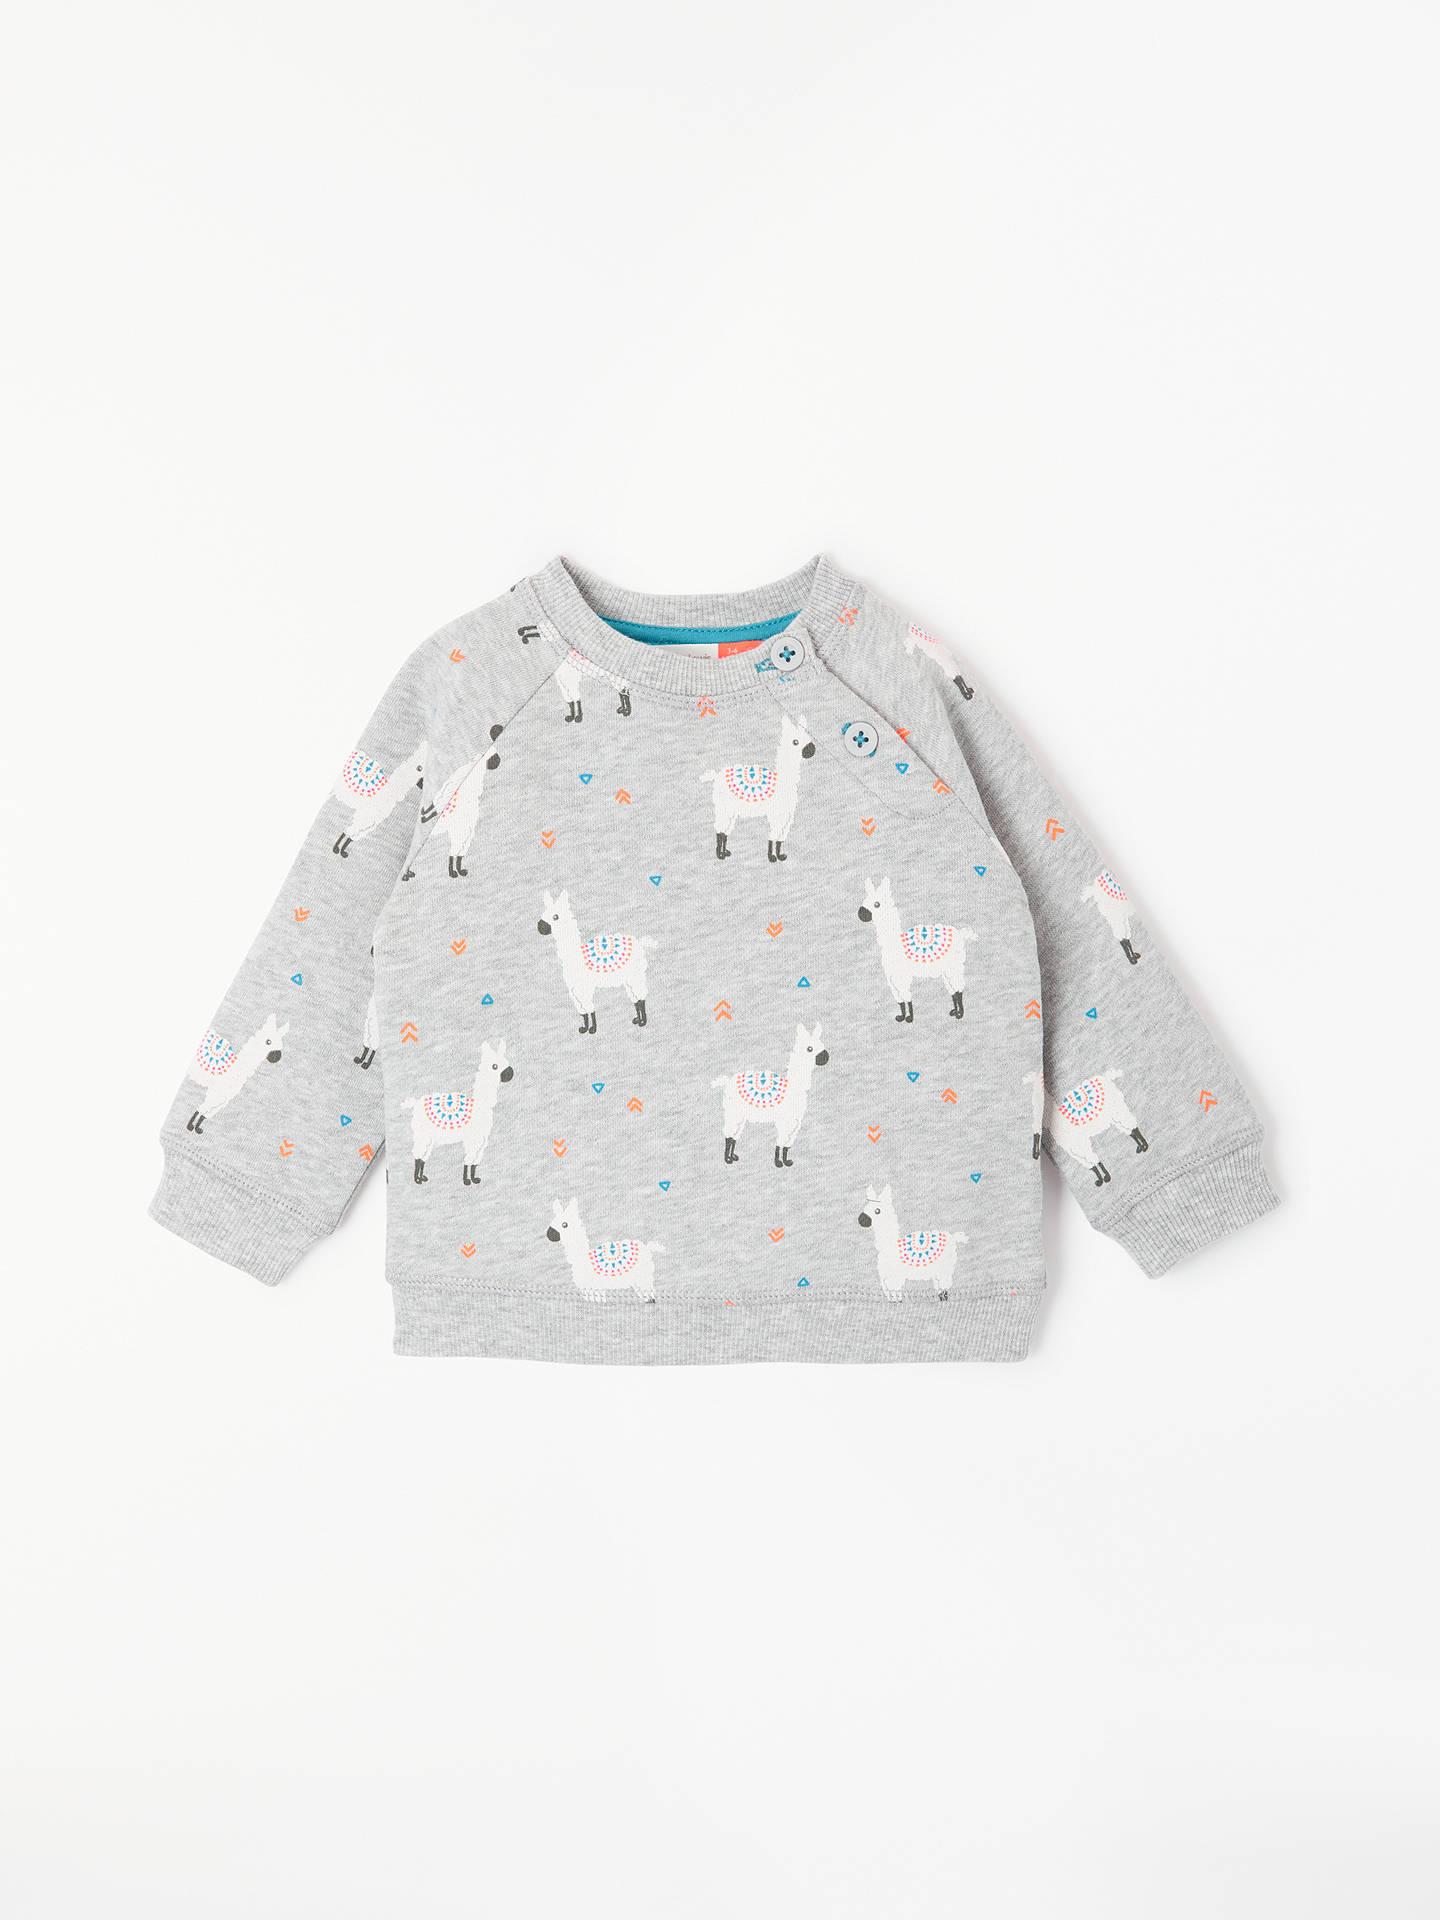 BuyJohn Lewis   Partners Baby Llama Sweatshirt ebeae88de